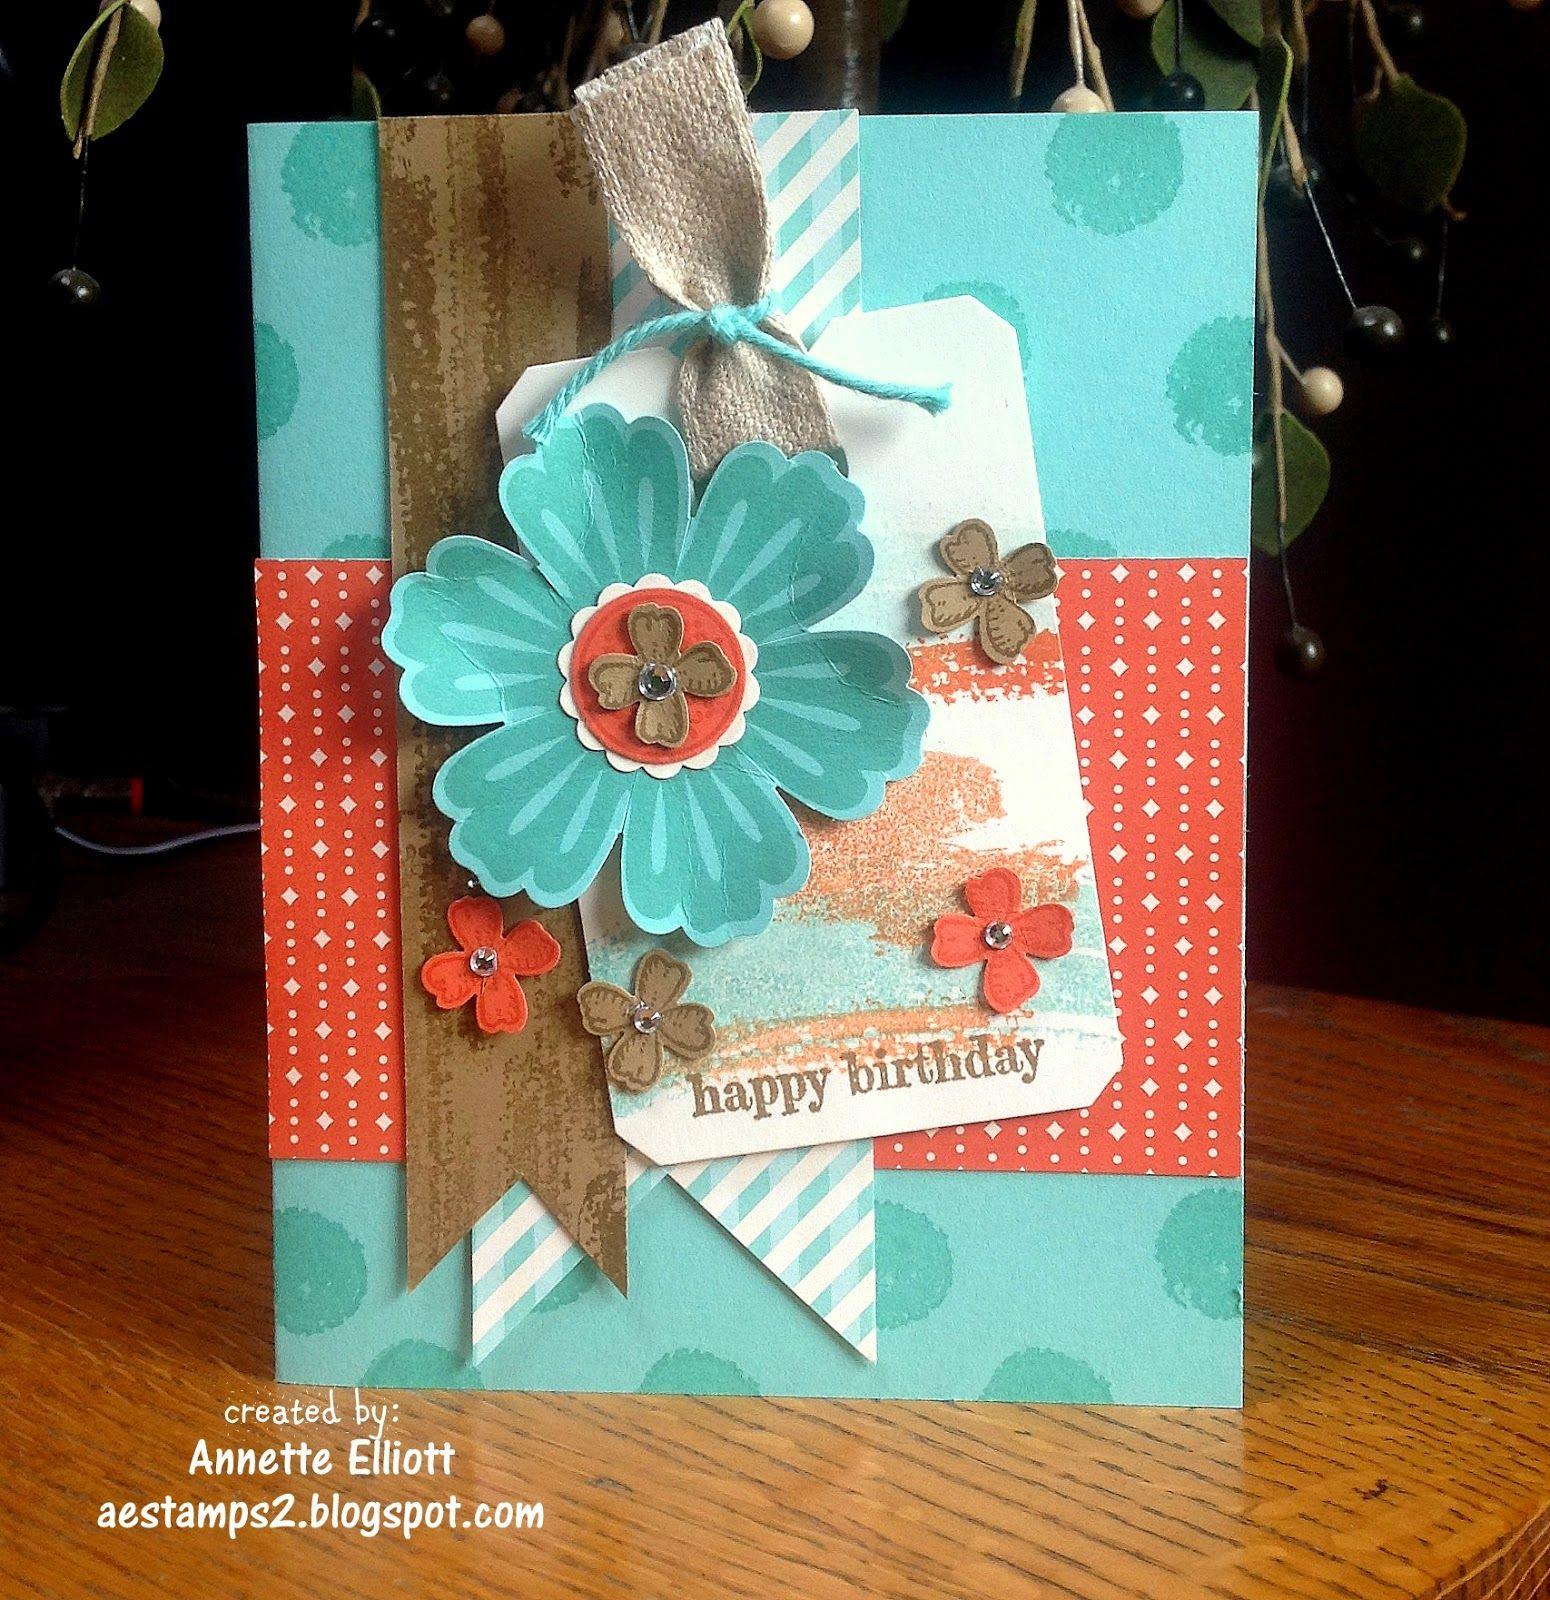 Sneak Peak: Happy Birthday card